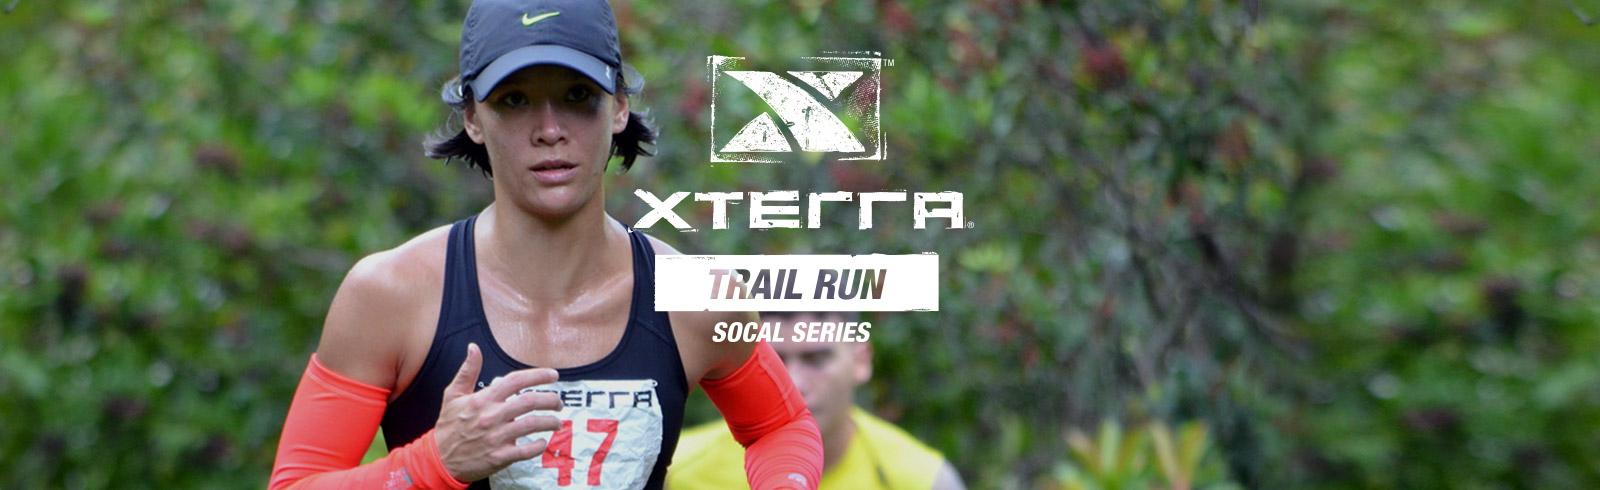 XTERRA-Trail-Run3